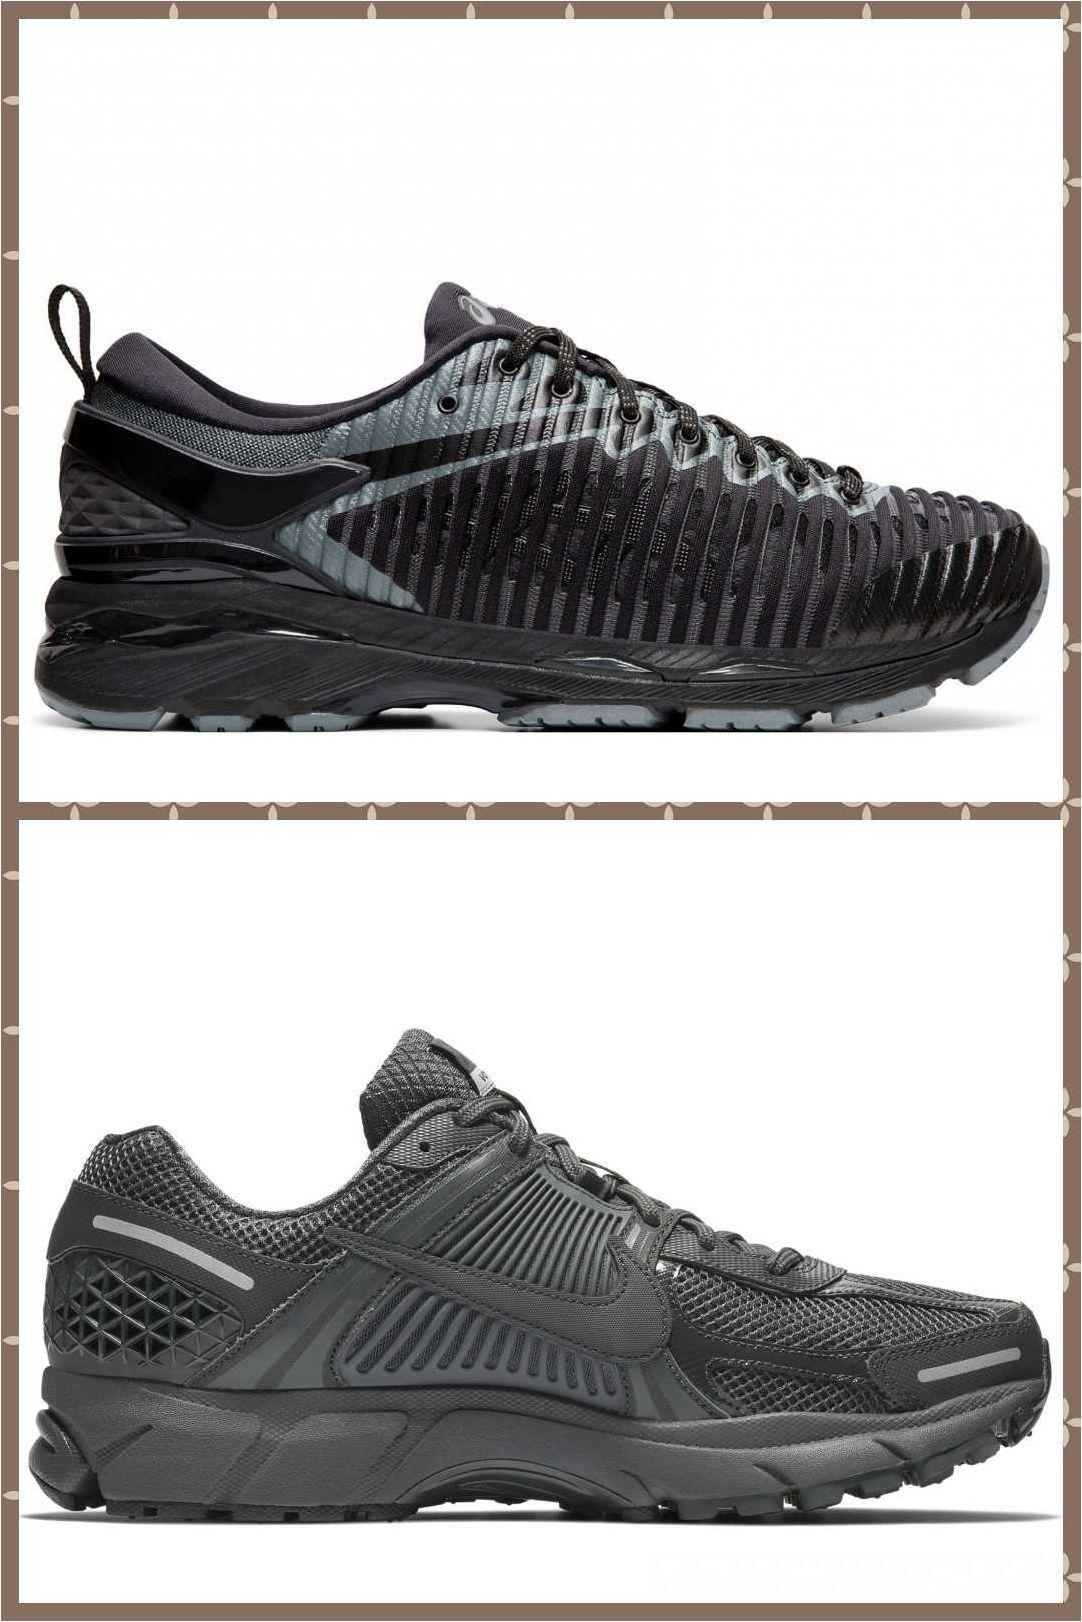 Undad shoes